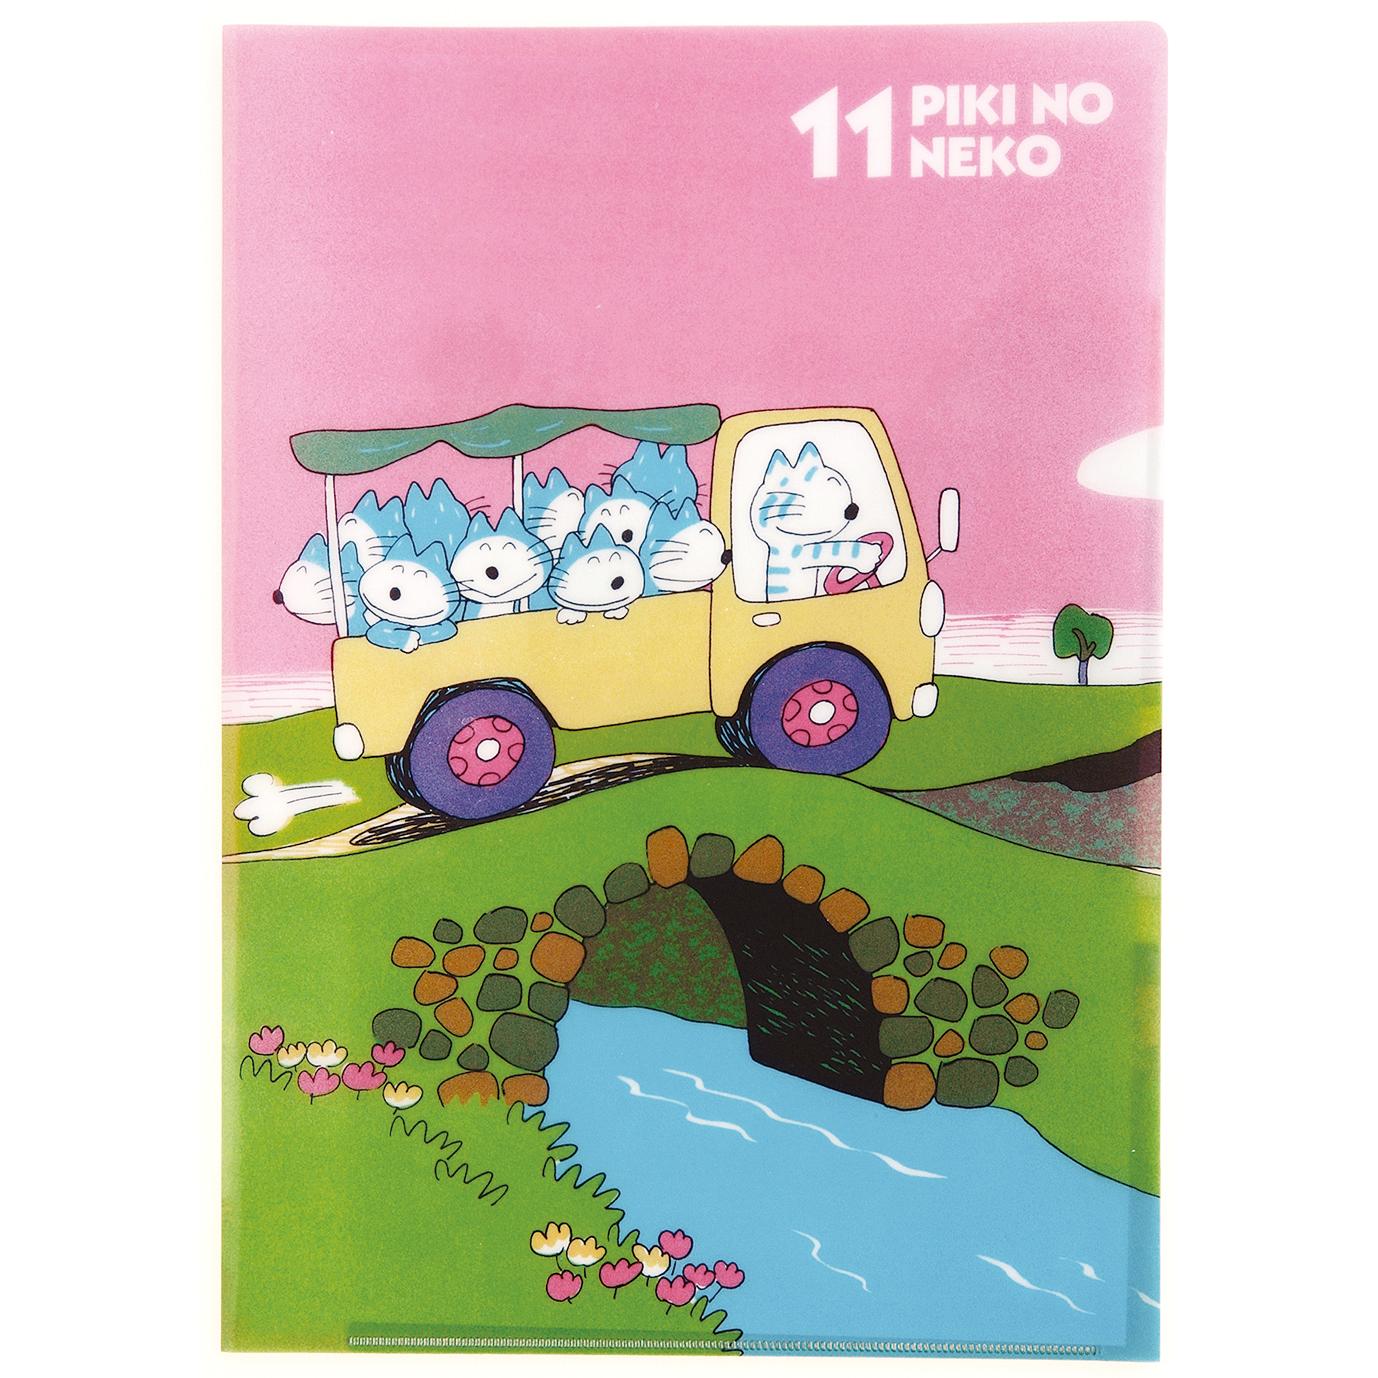 11ぴきのねこ 馬場のぼる<br> A4ダブルファイル(トラック)